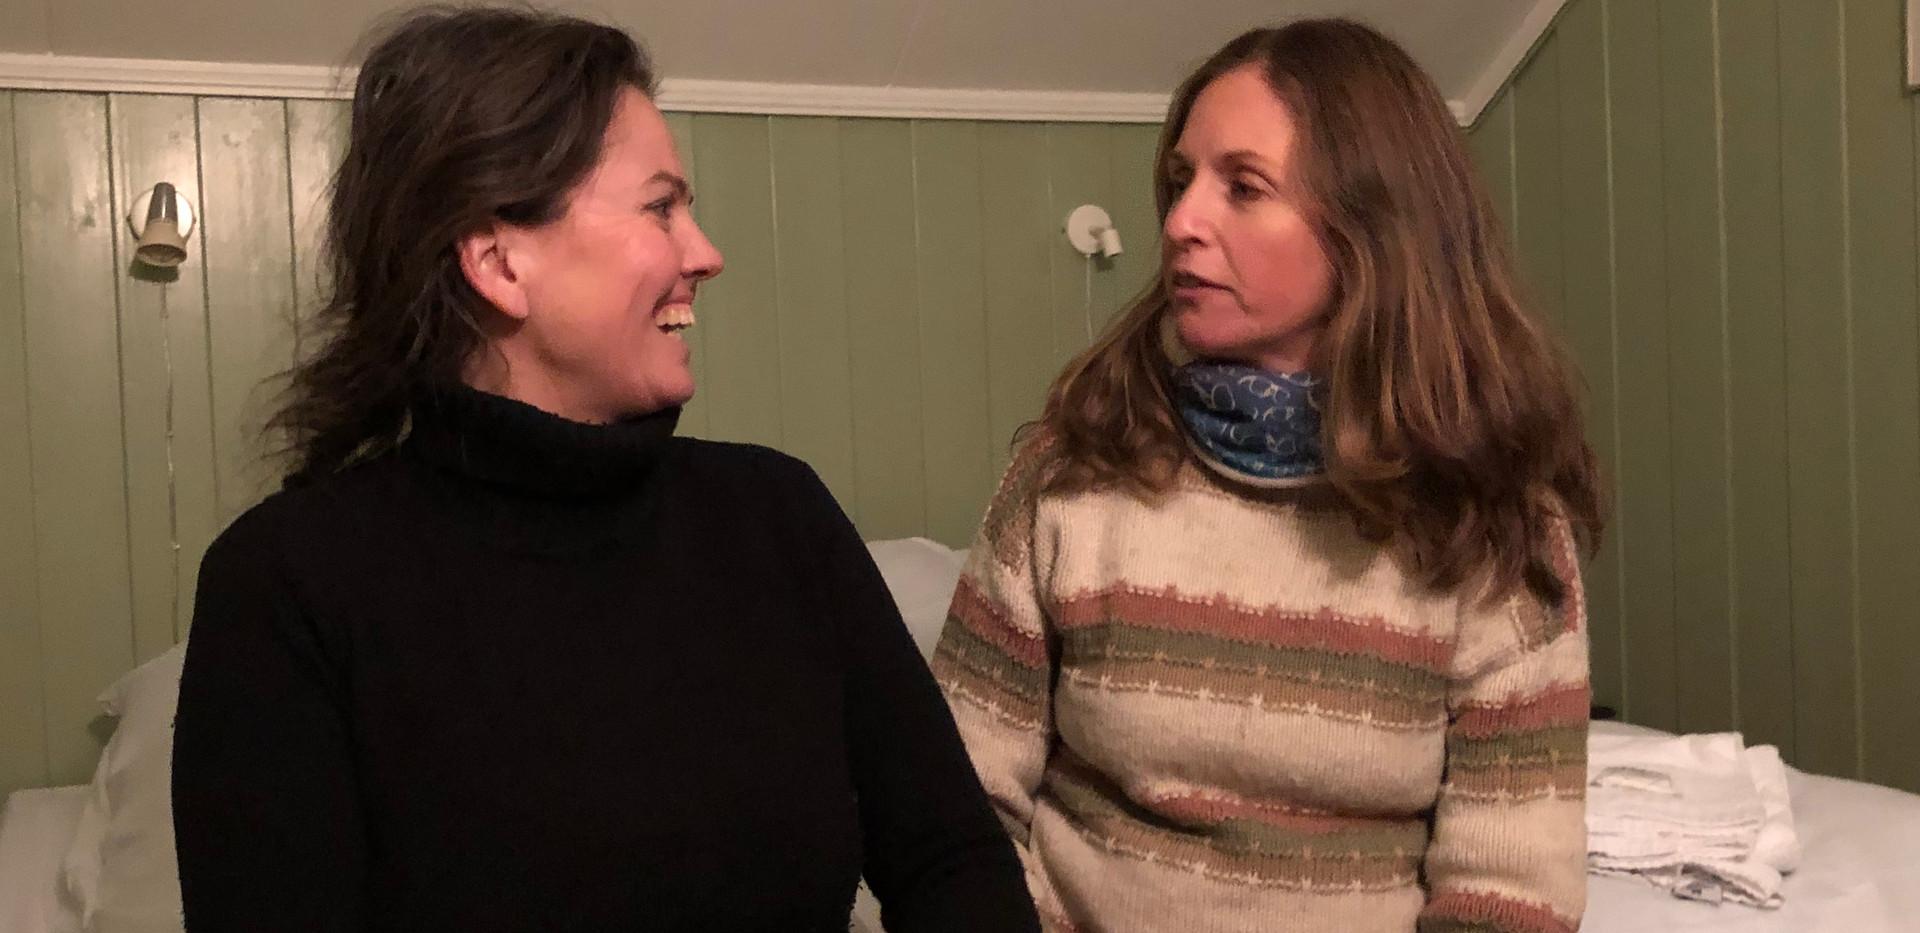 Anne Stine og meg på pensjonatet